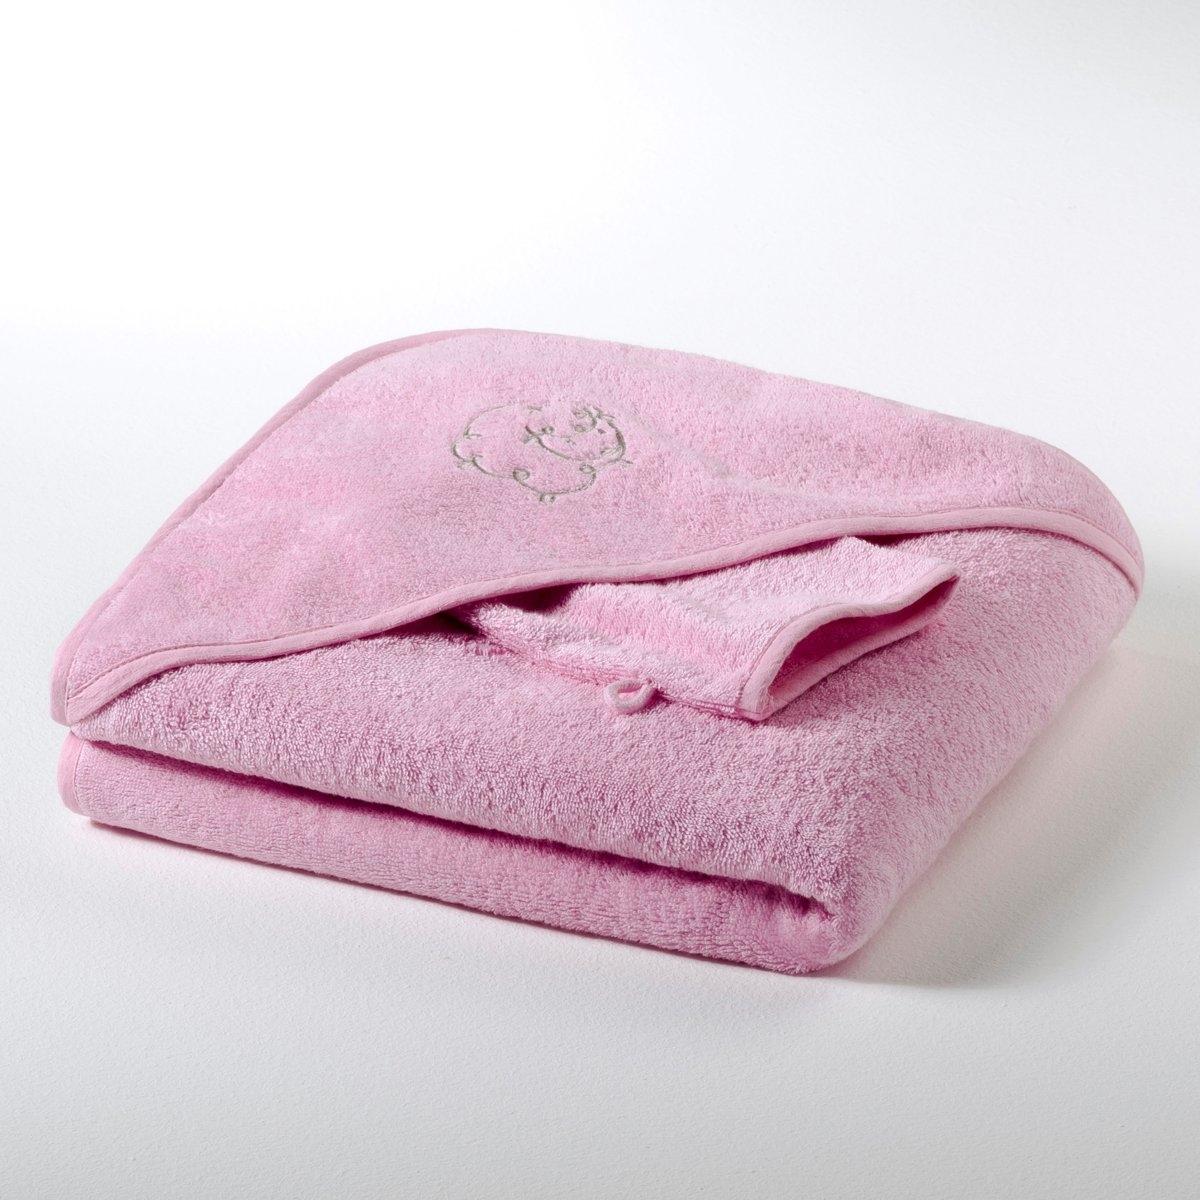 Банное пончо и рукавица из махровой ткани 420 г/м? для девочек и мальчиков, BetsieОднотонные банное пончо и рукавица 420 г/м?, Betsie. Гармонизирующий по расцветке комплект, который может стать прекрасным подарком к рождению малыша. Описание банного пончо и рукавицы Betsie :Отделка бейкой2 размера на выбор.Машинная стирка при 60 °С.Характеристики банного пончо и рукавицы Betsie :Махровая ткань, 100% хлопок, 420 г/м?.<br><br>Цвет: розовый,серо-коричневый<br>Размер: 70 x 70 см.100 x 100 см